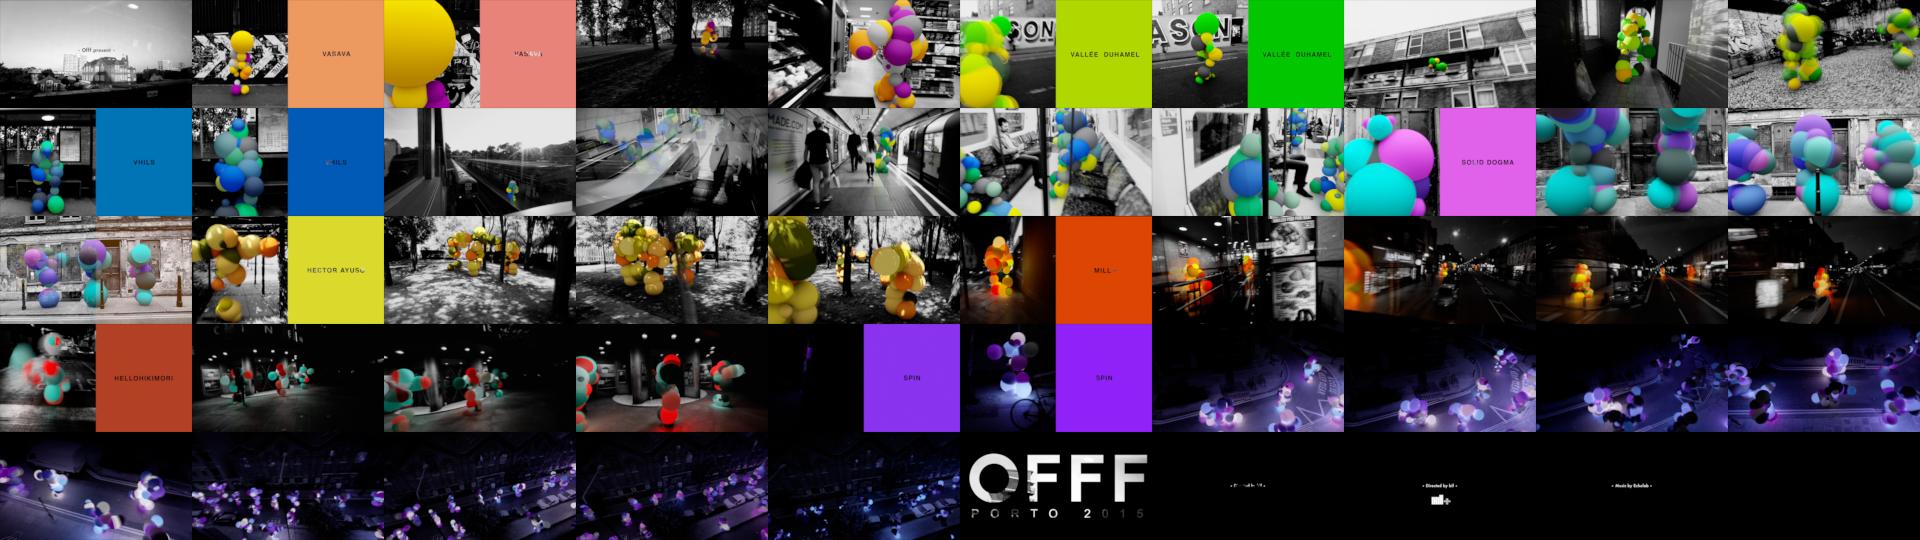 OFFF_contactSheet_01